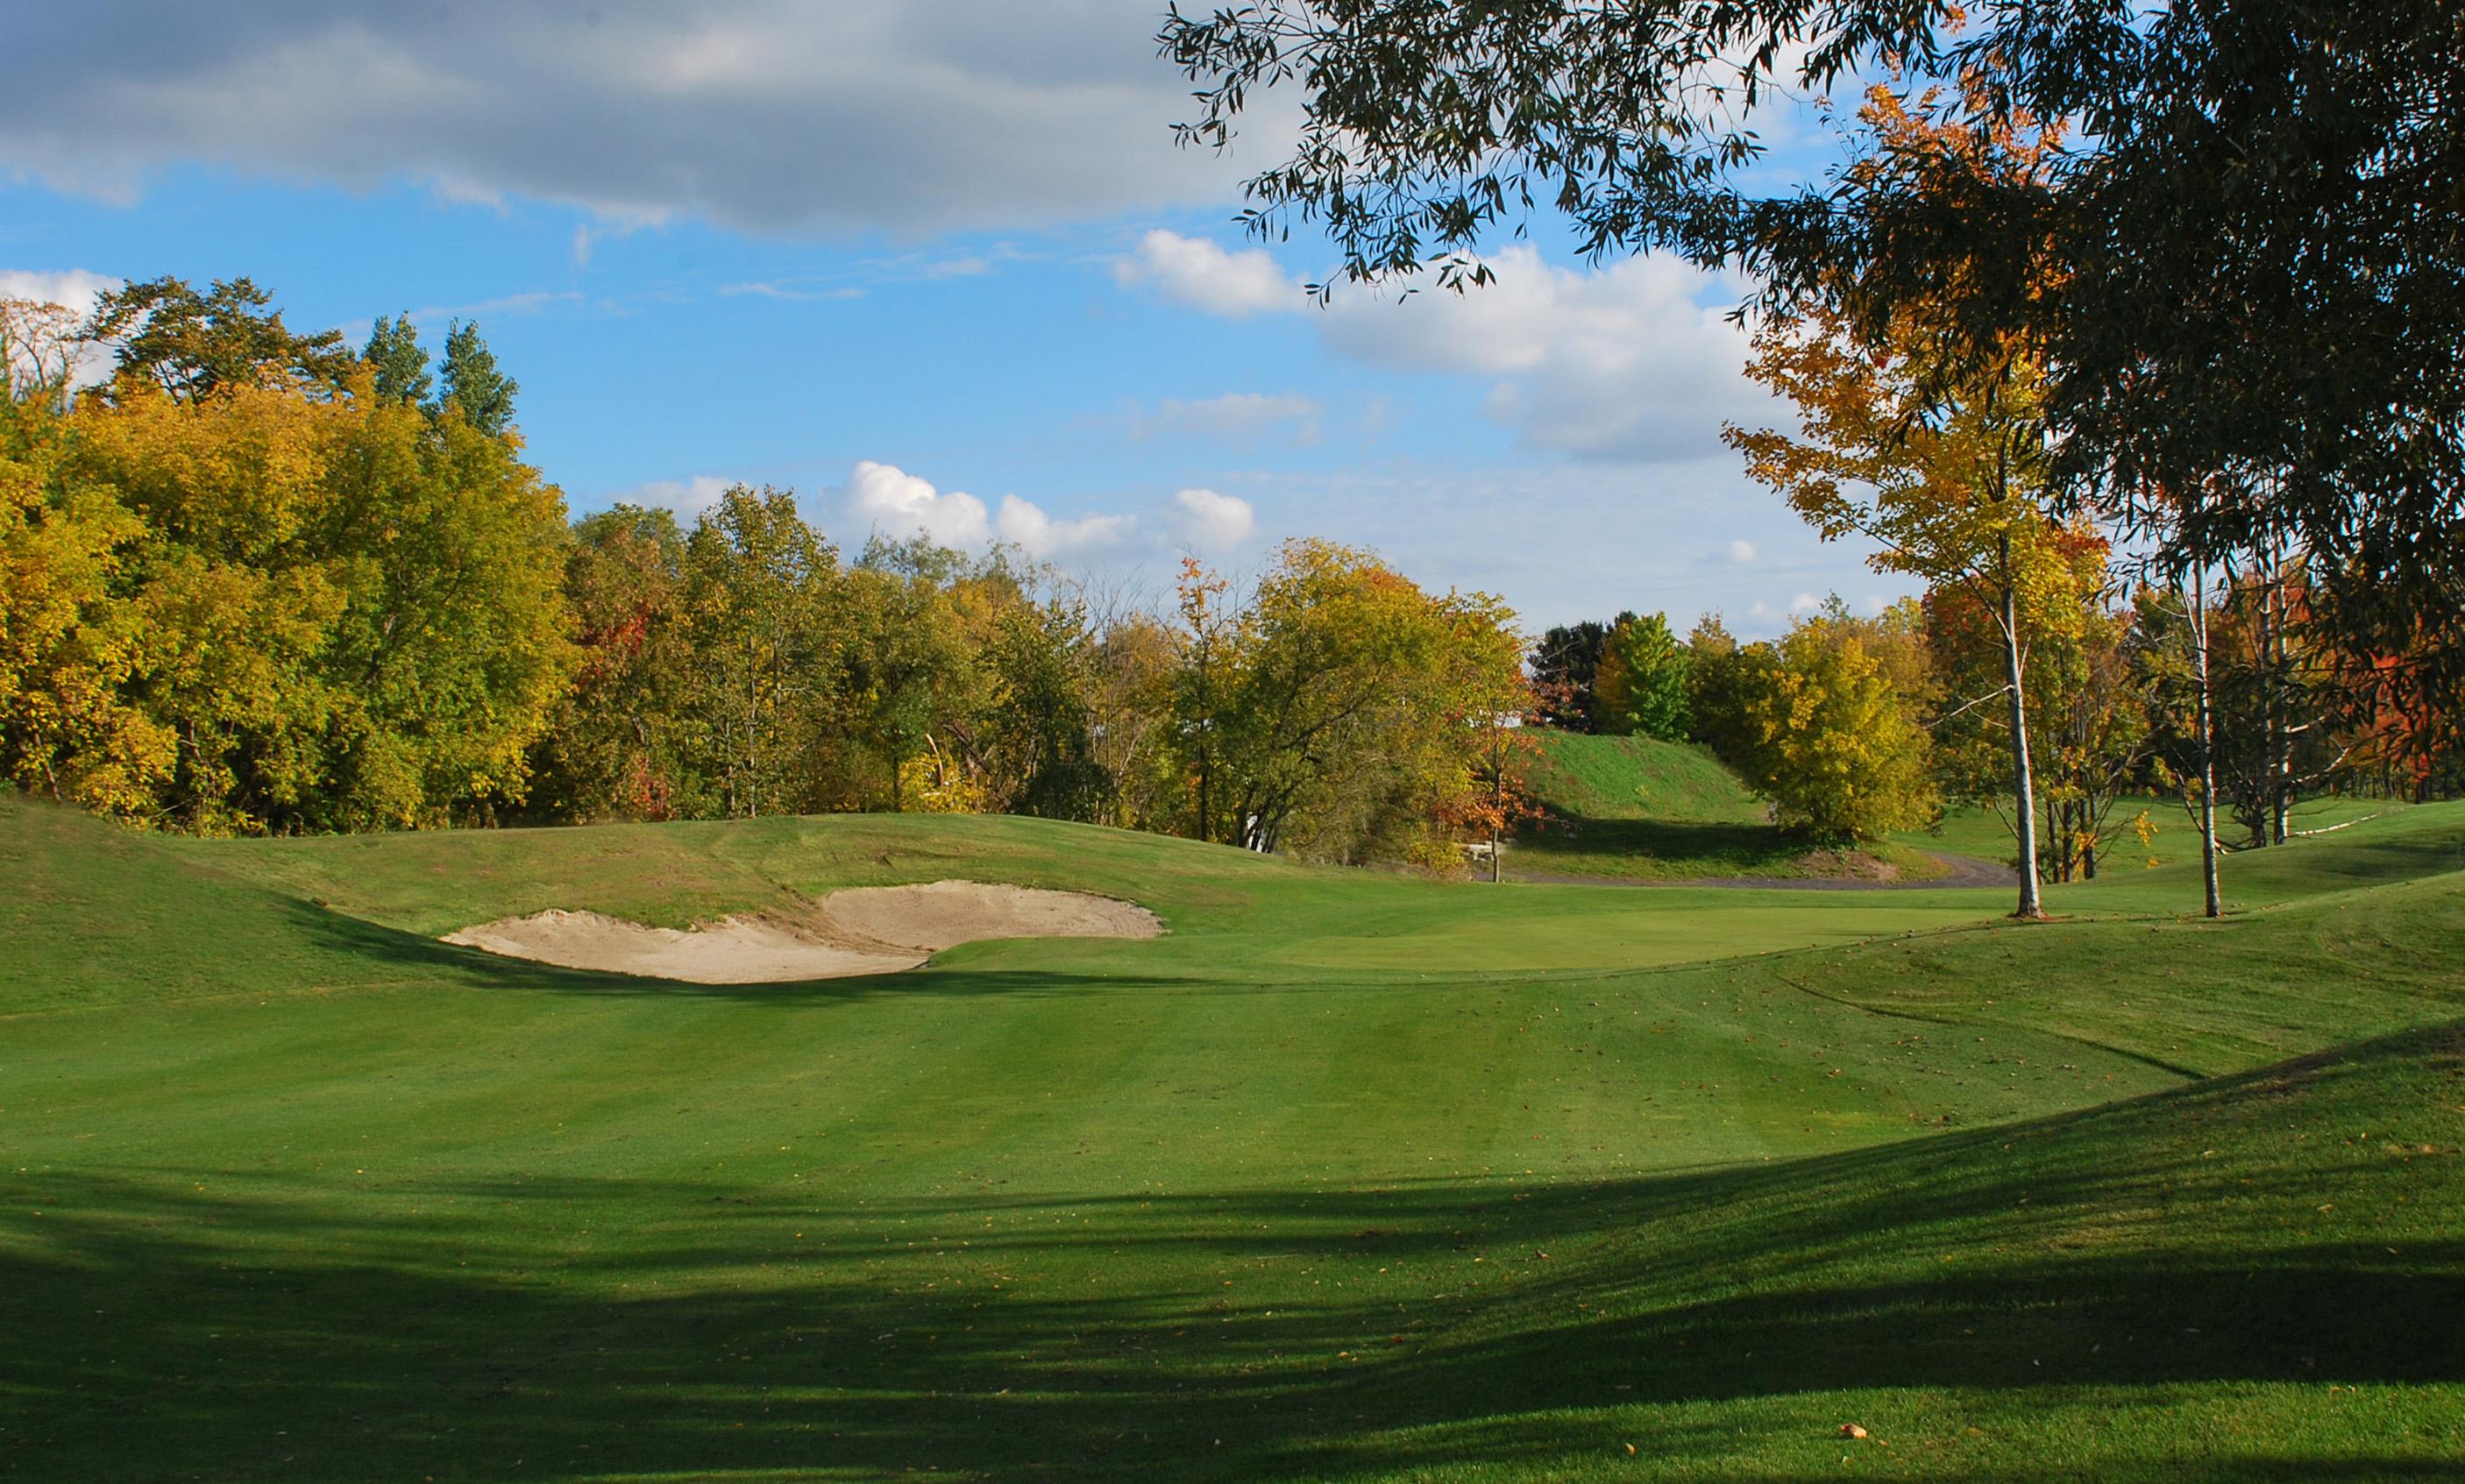 Mer Bleue 9 Hole Golf Course